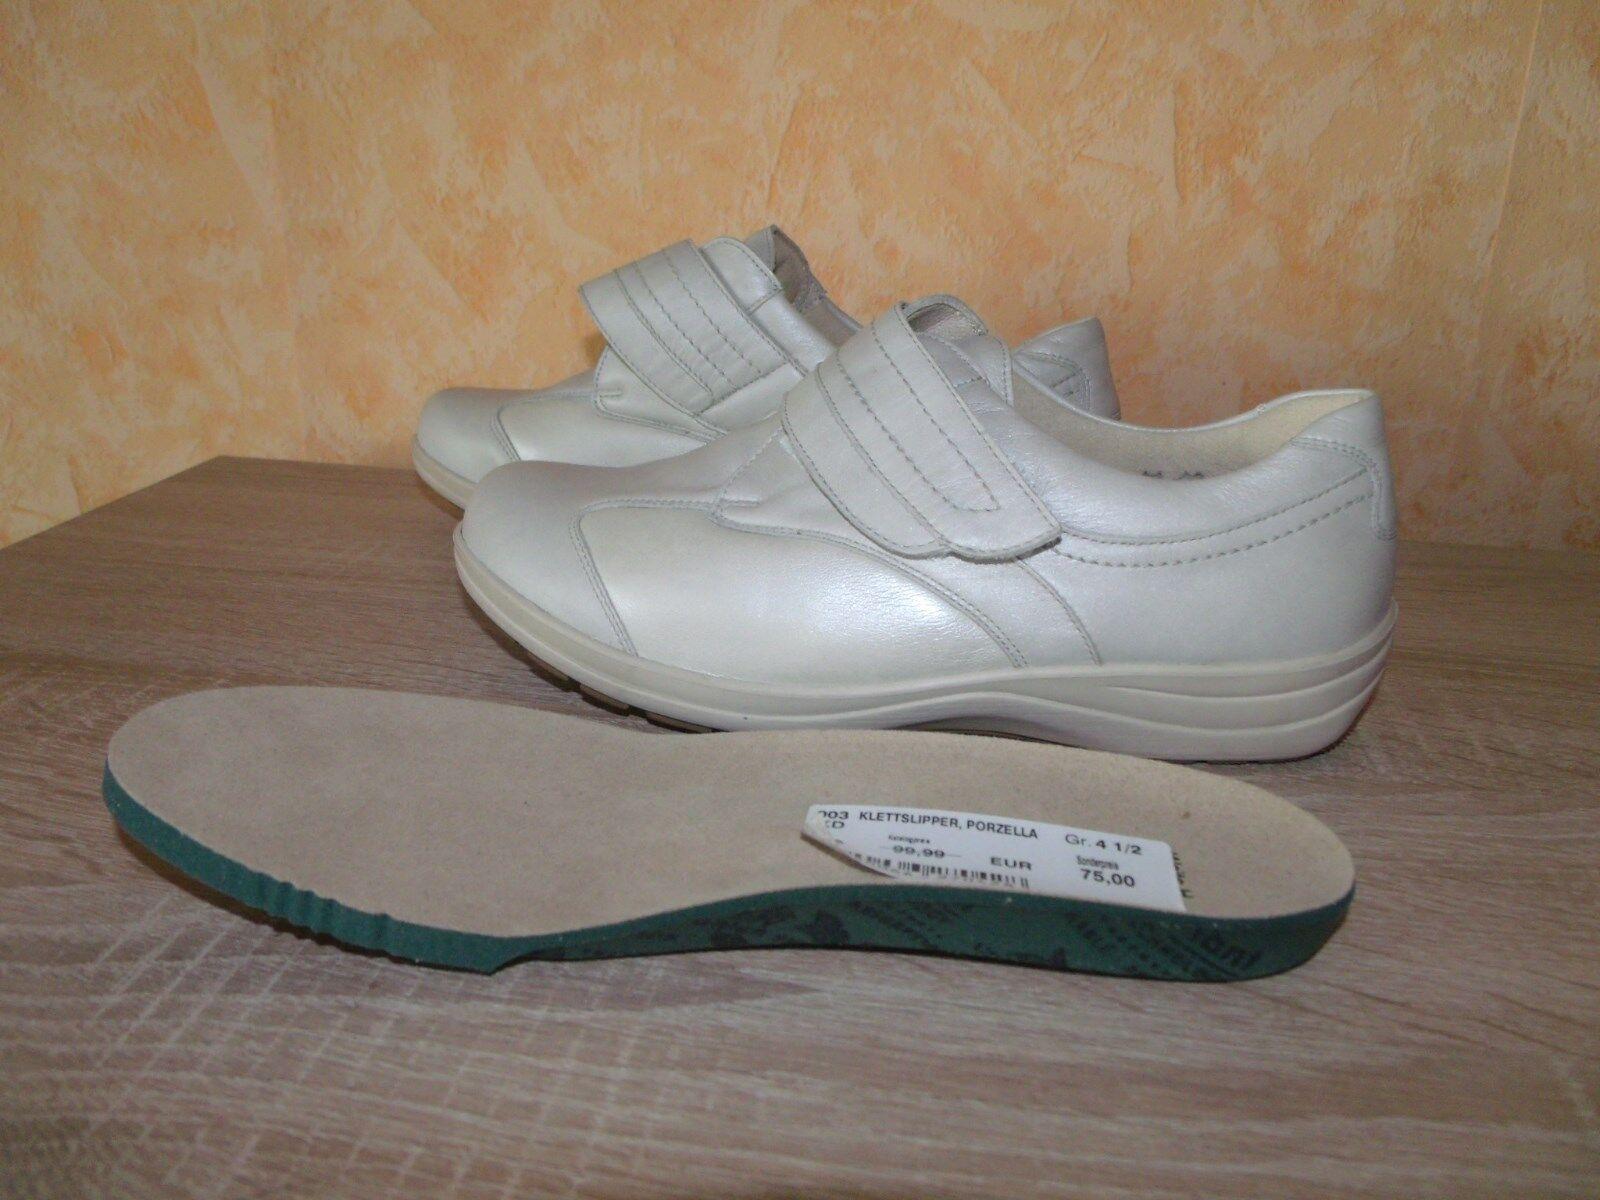 Foresta alfiere Velcro Slipper 4,5 Per Alluce NUOVO taglia 4,5 Slipper 37,5 H IN PORCELLANA & Nappa Pelle ecf667